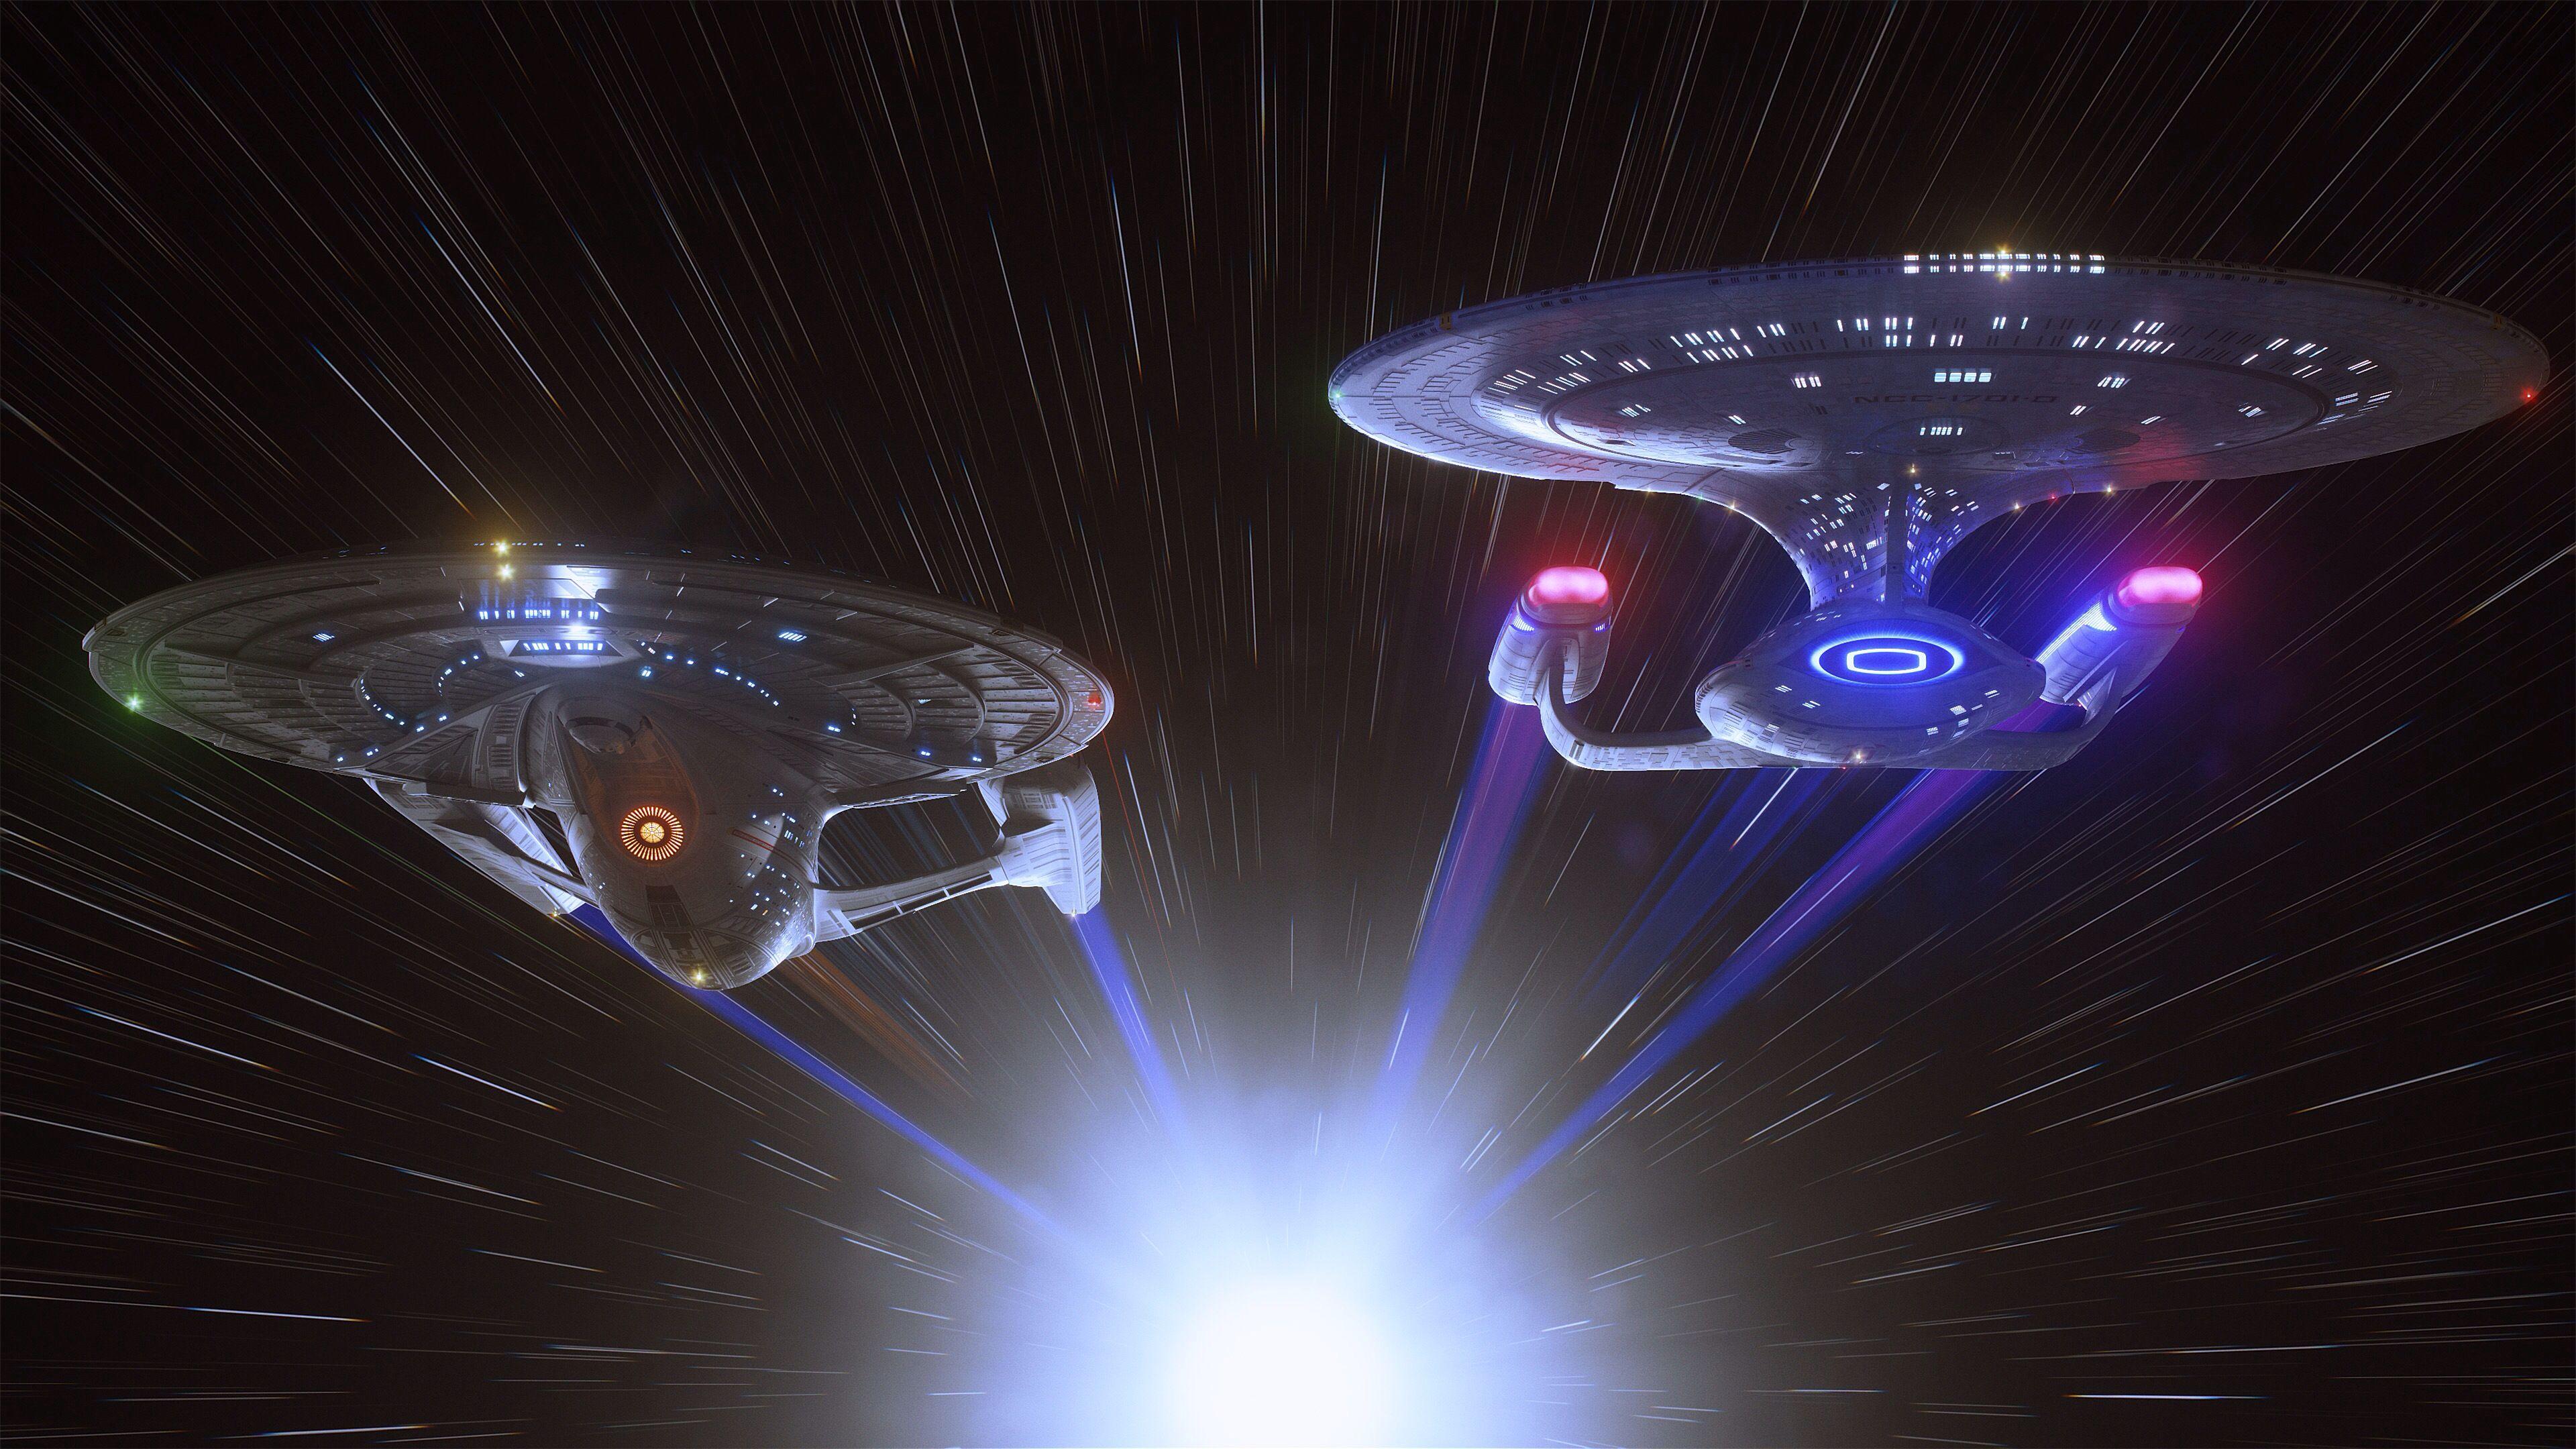 Sovereign Galaxy Star Trek Wallpaper Star Trek Ships Star Trek Art